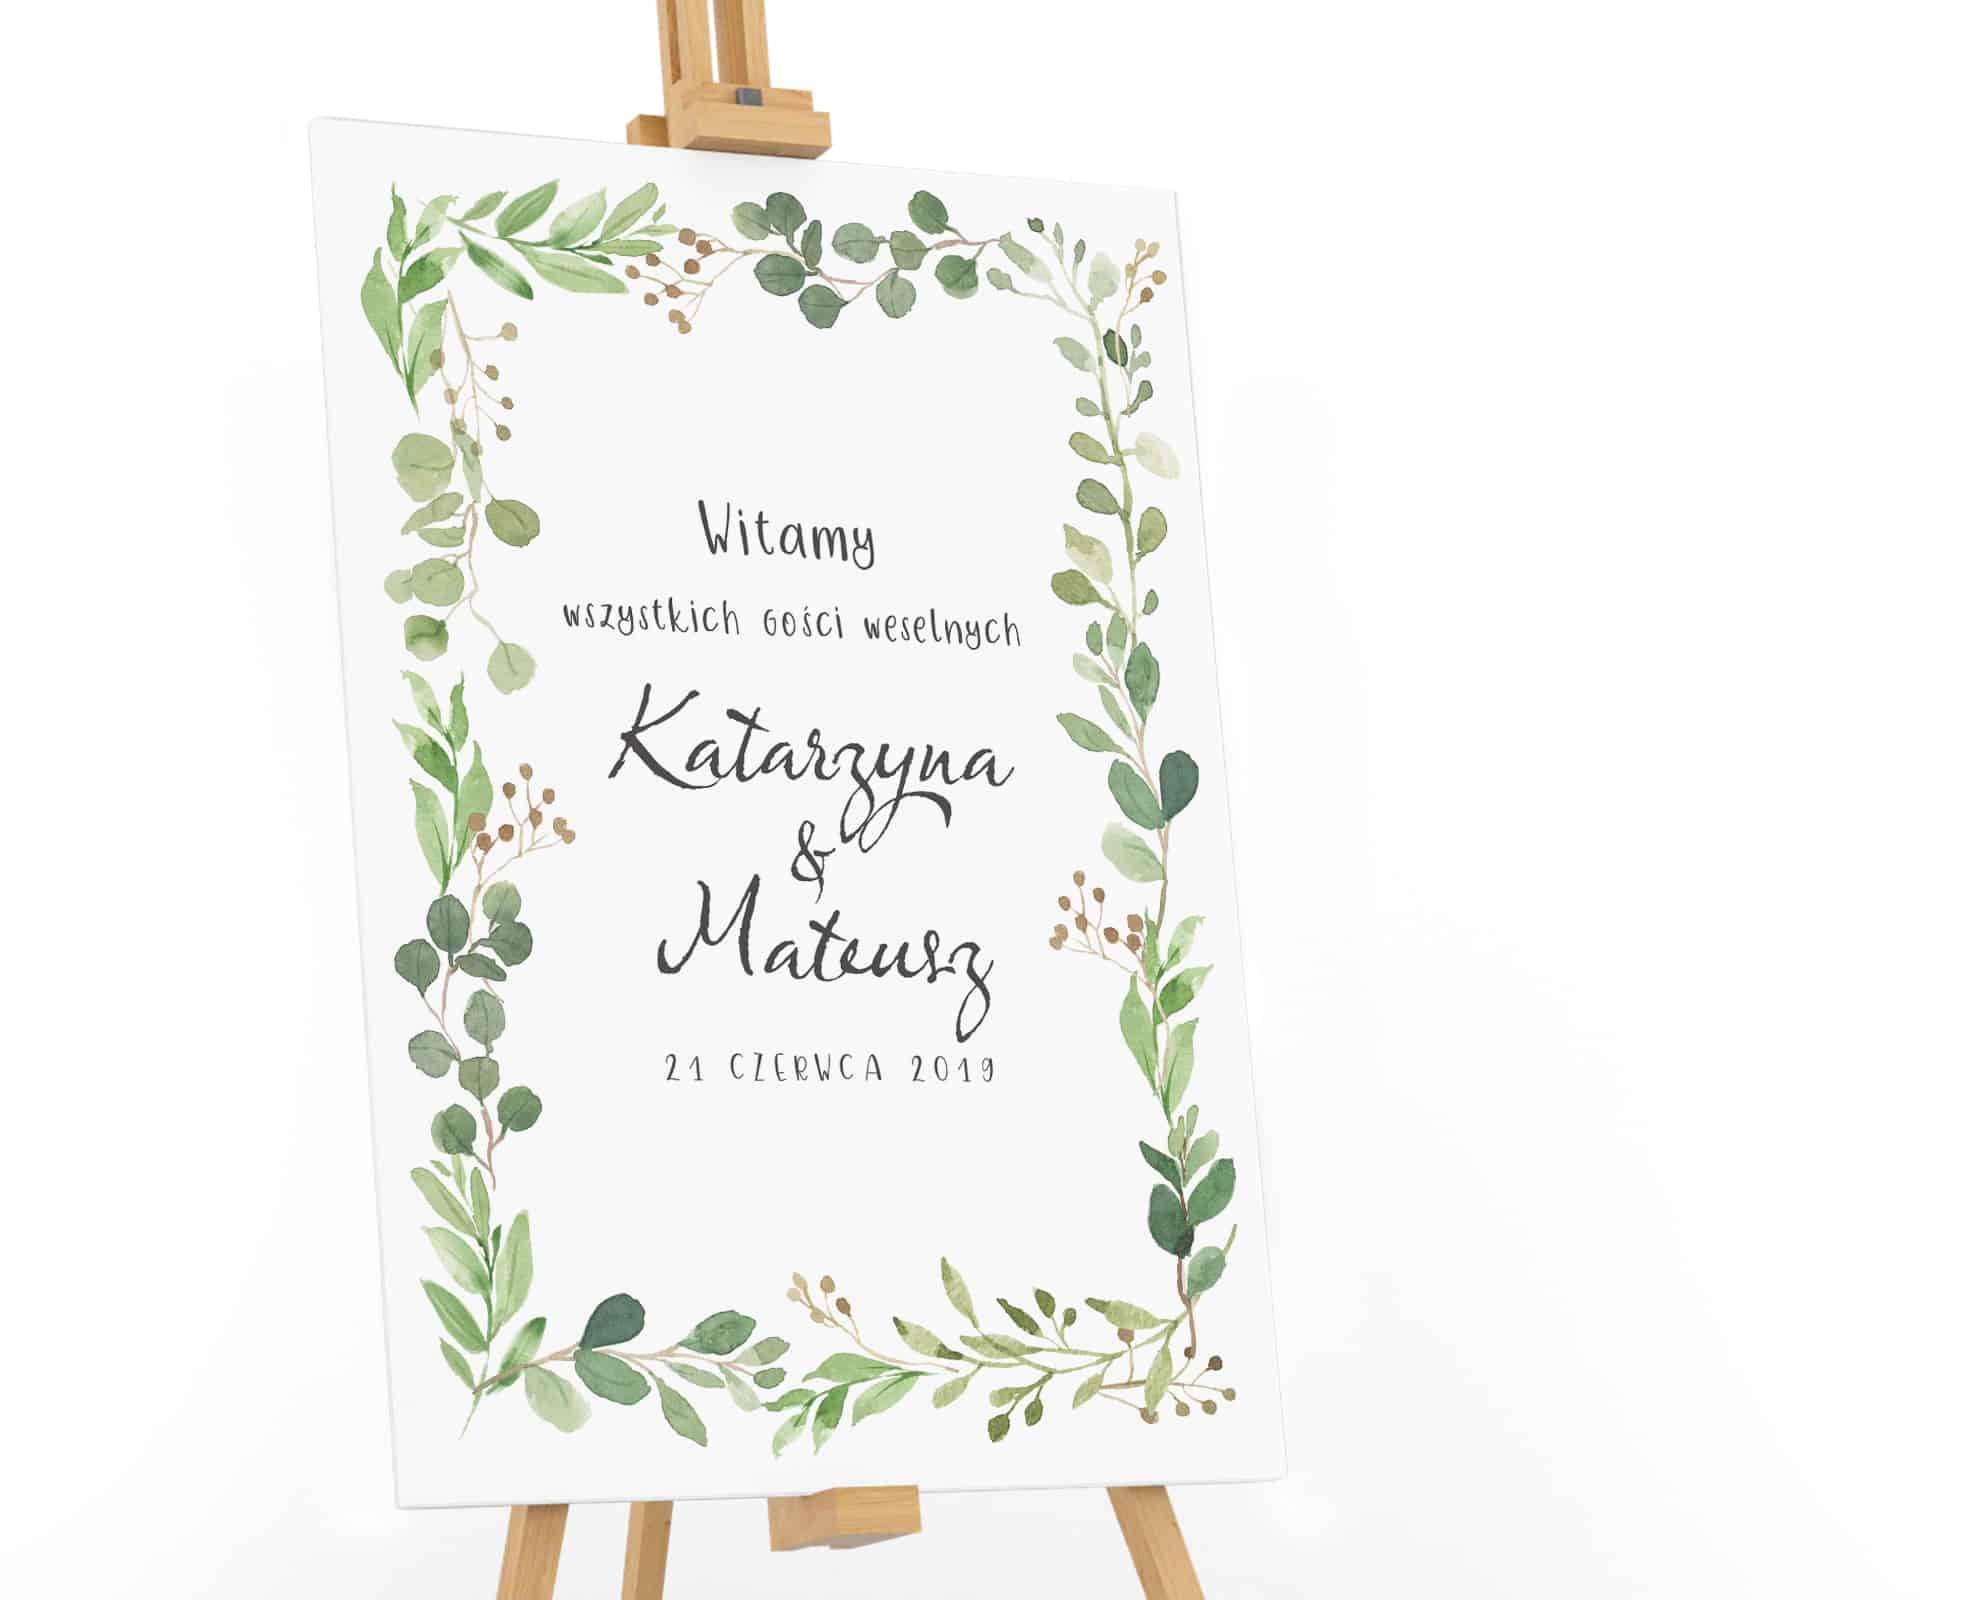 Tablica powitalna dla gości weselnych z zielonymi listkami w stylu watercolor